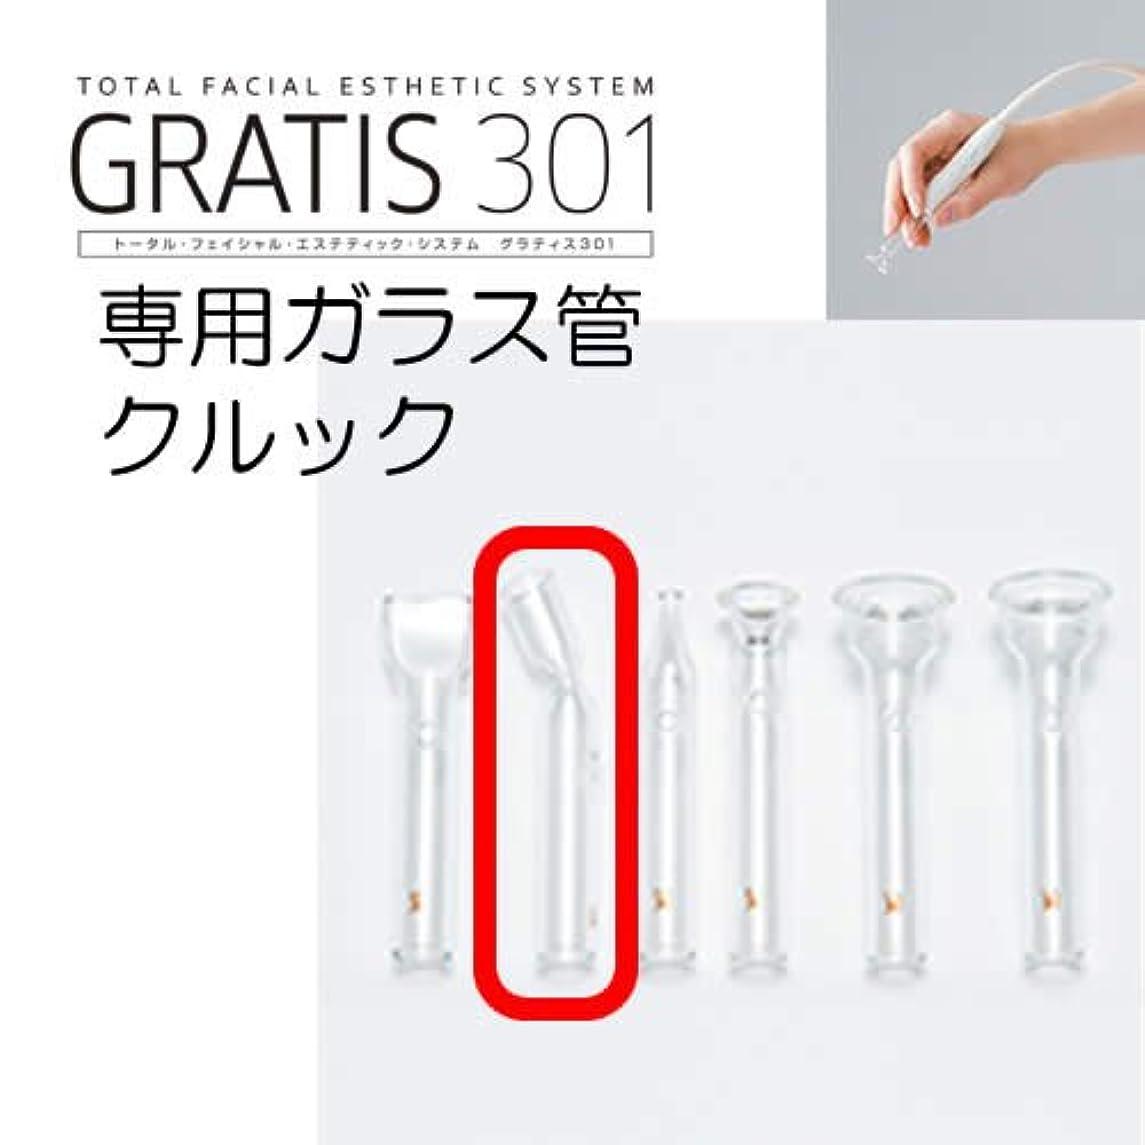 バンカー香水行列GRATIS 301(グラティス301)専用ガラス管 クルック(2本セット)